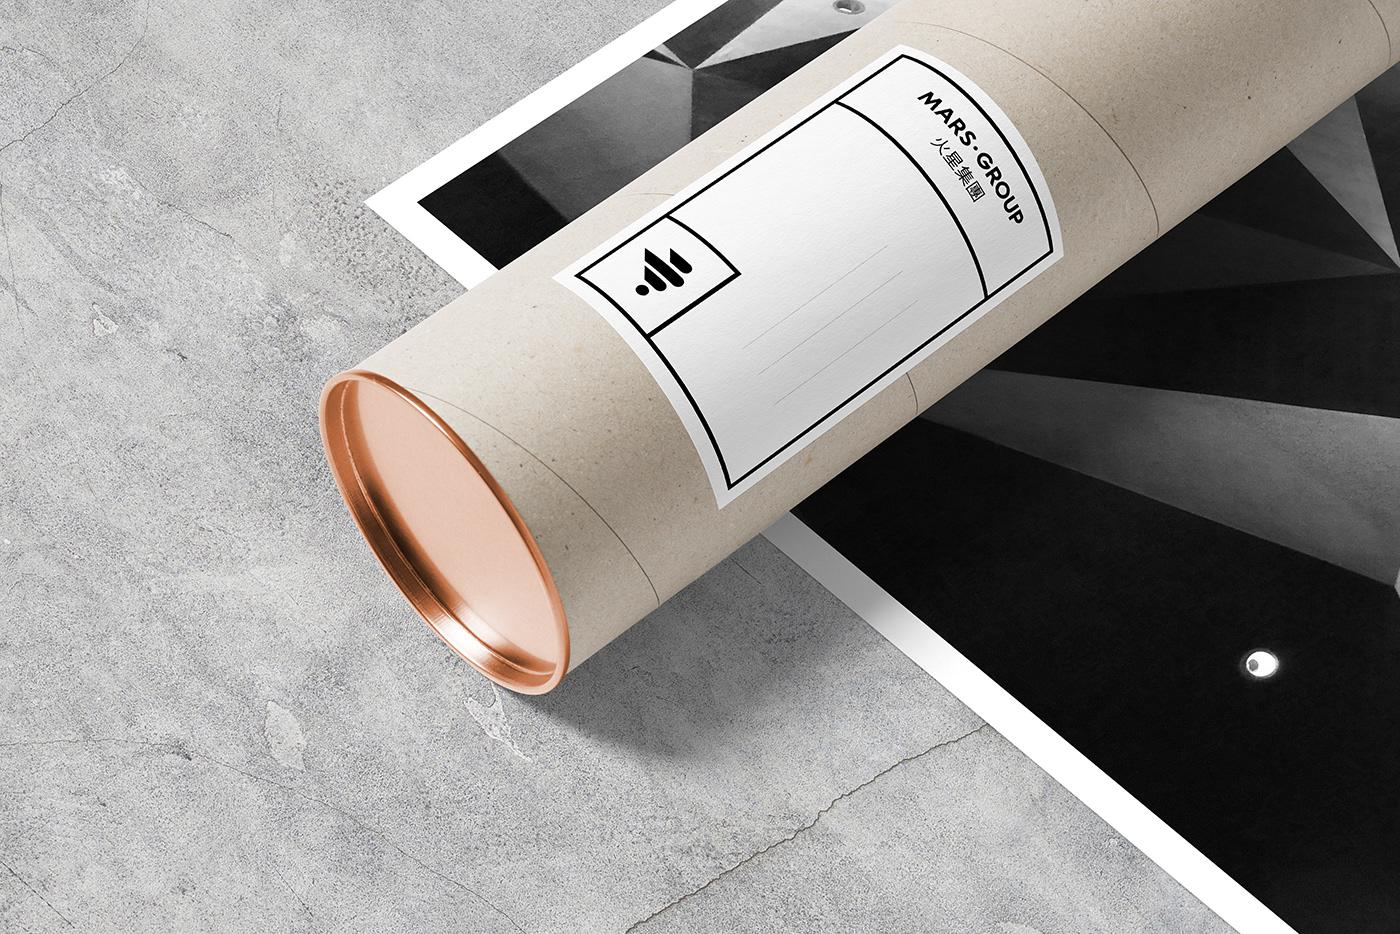 火星集团有限公司 – BIM解决方案品牌 Mars Group LTD. – BIM solutions Branding插图(11)